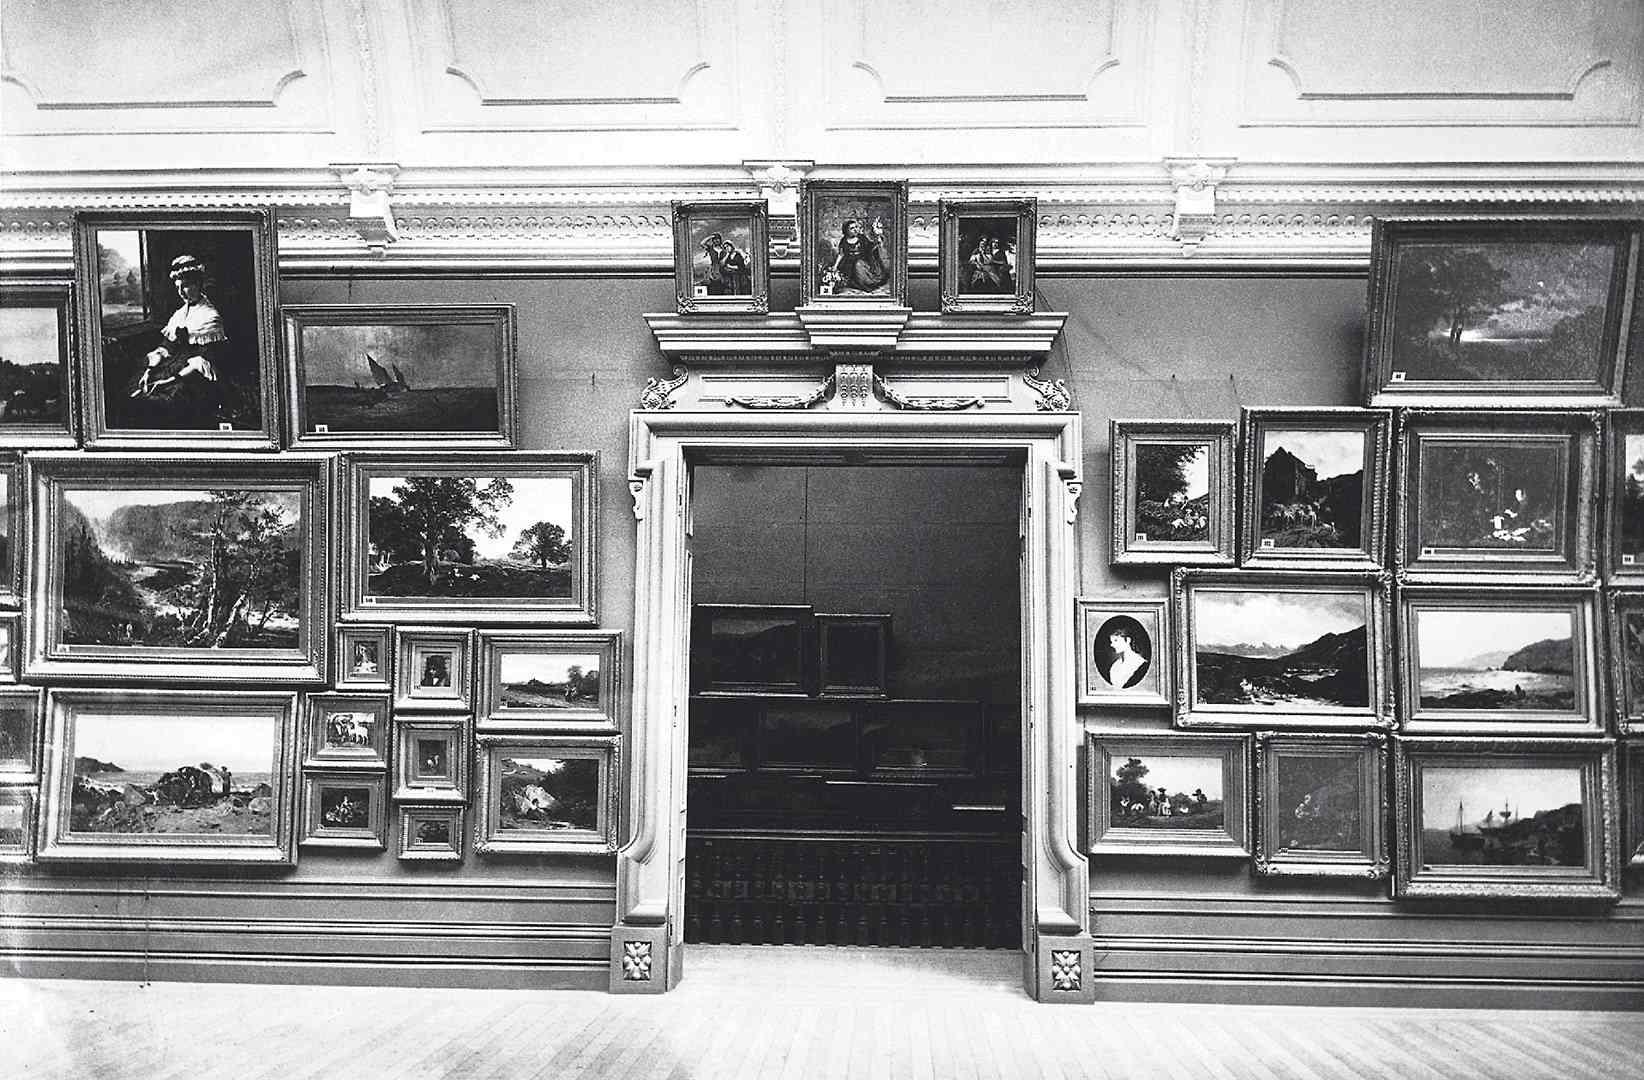 L'Art Gallery de 1879, square Phillips, grande Salle d'exposition, détail des accrochage, 1879.